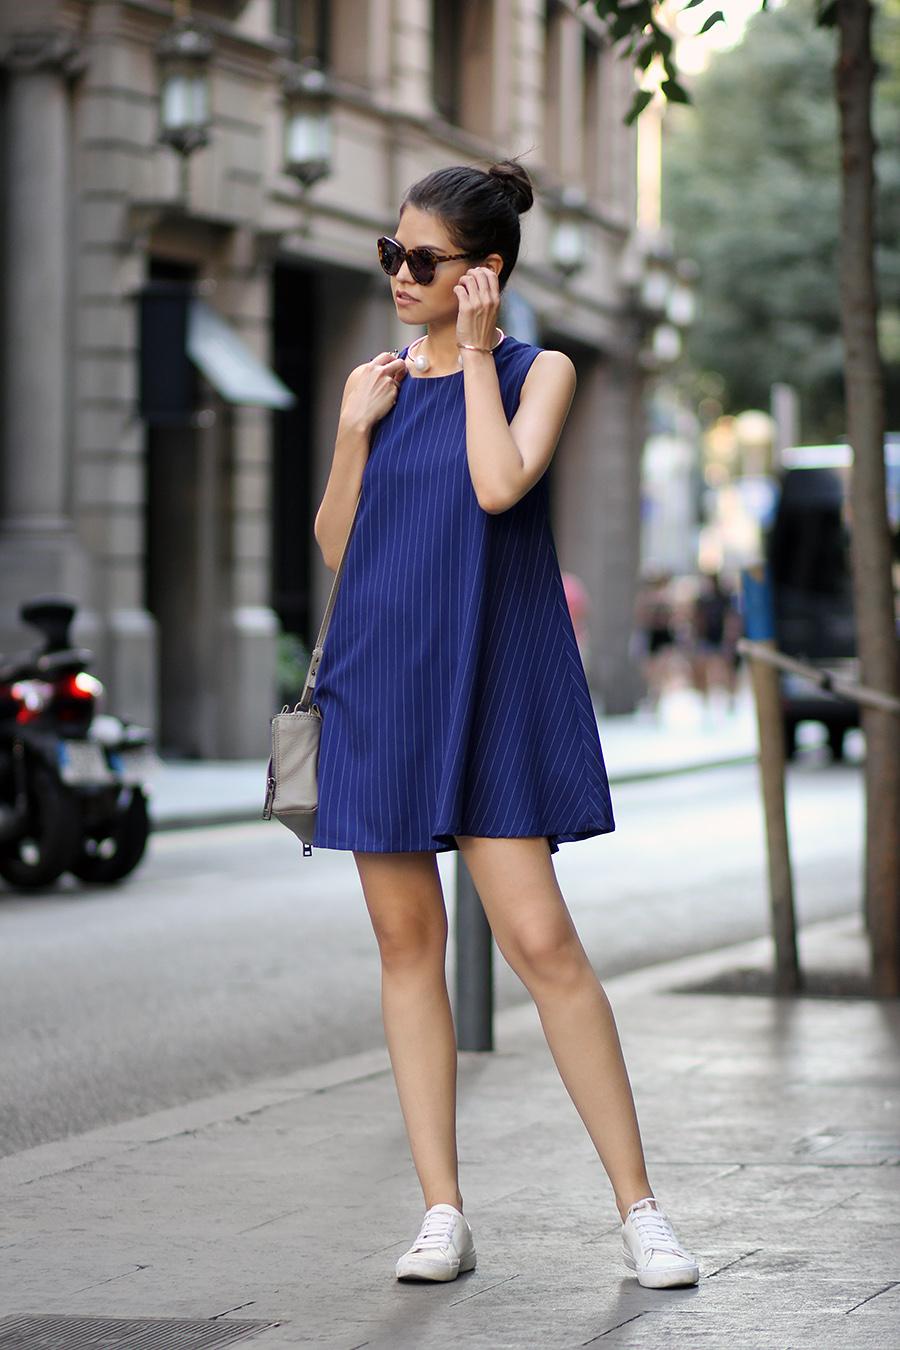 cинее платье с кроссовками фото